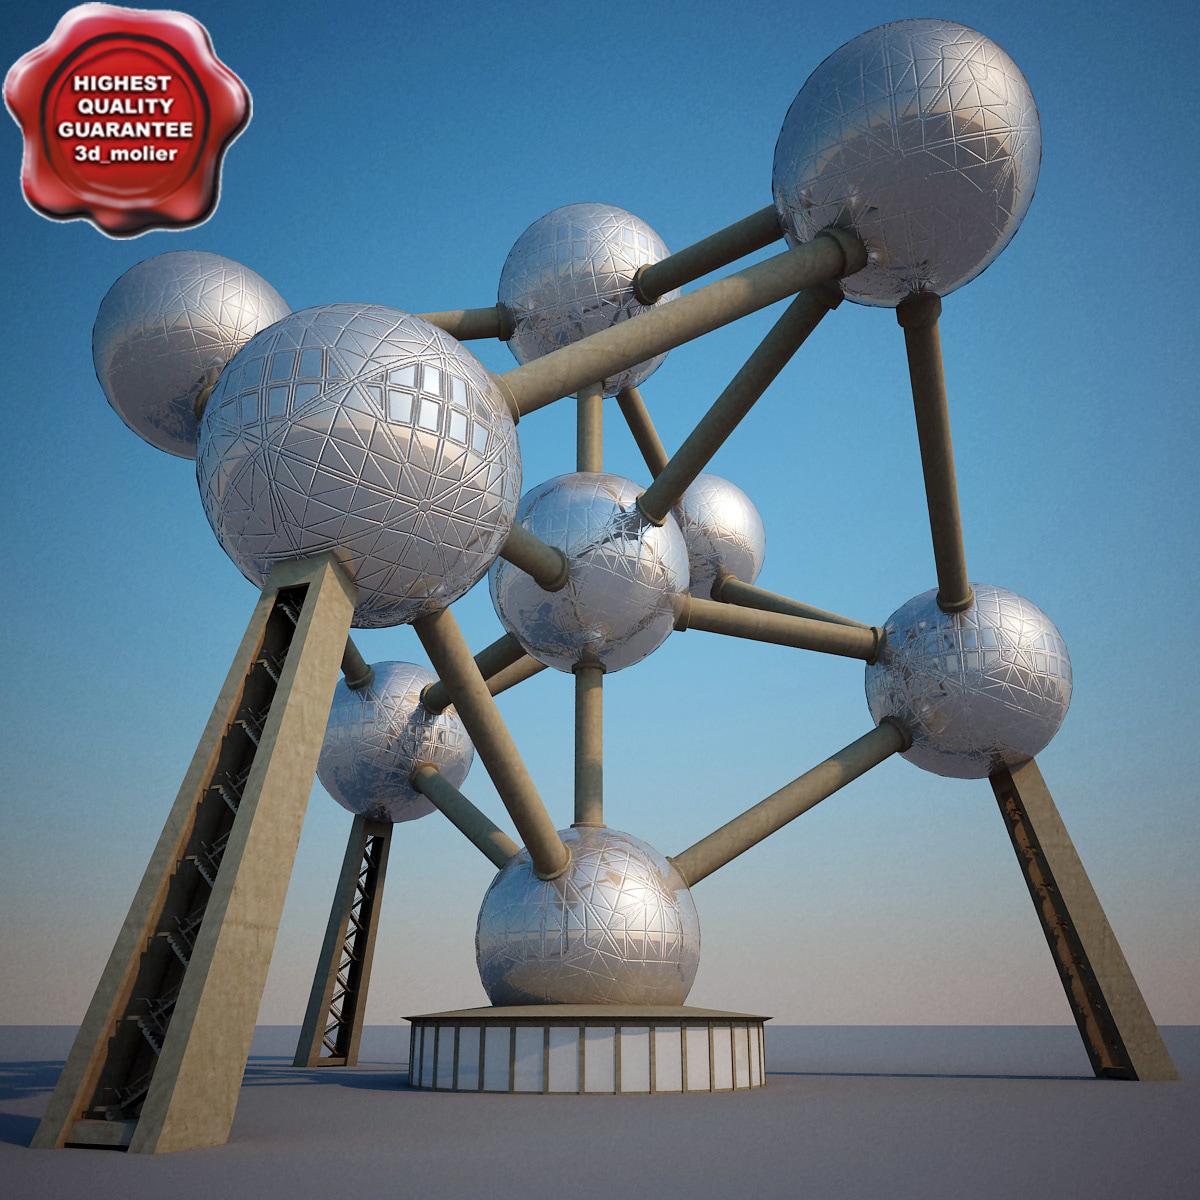 3ds atomium modelled